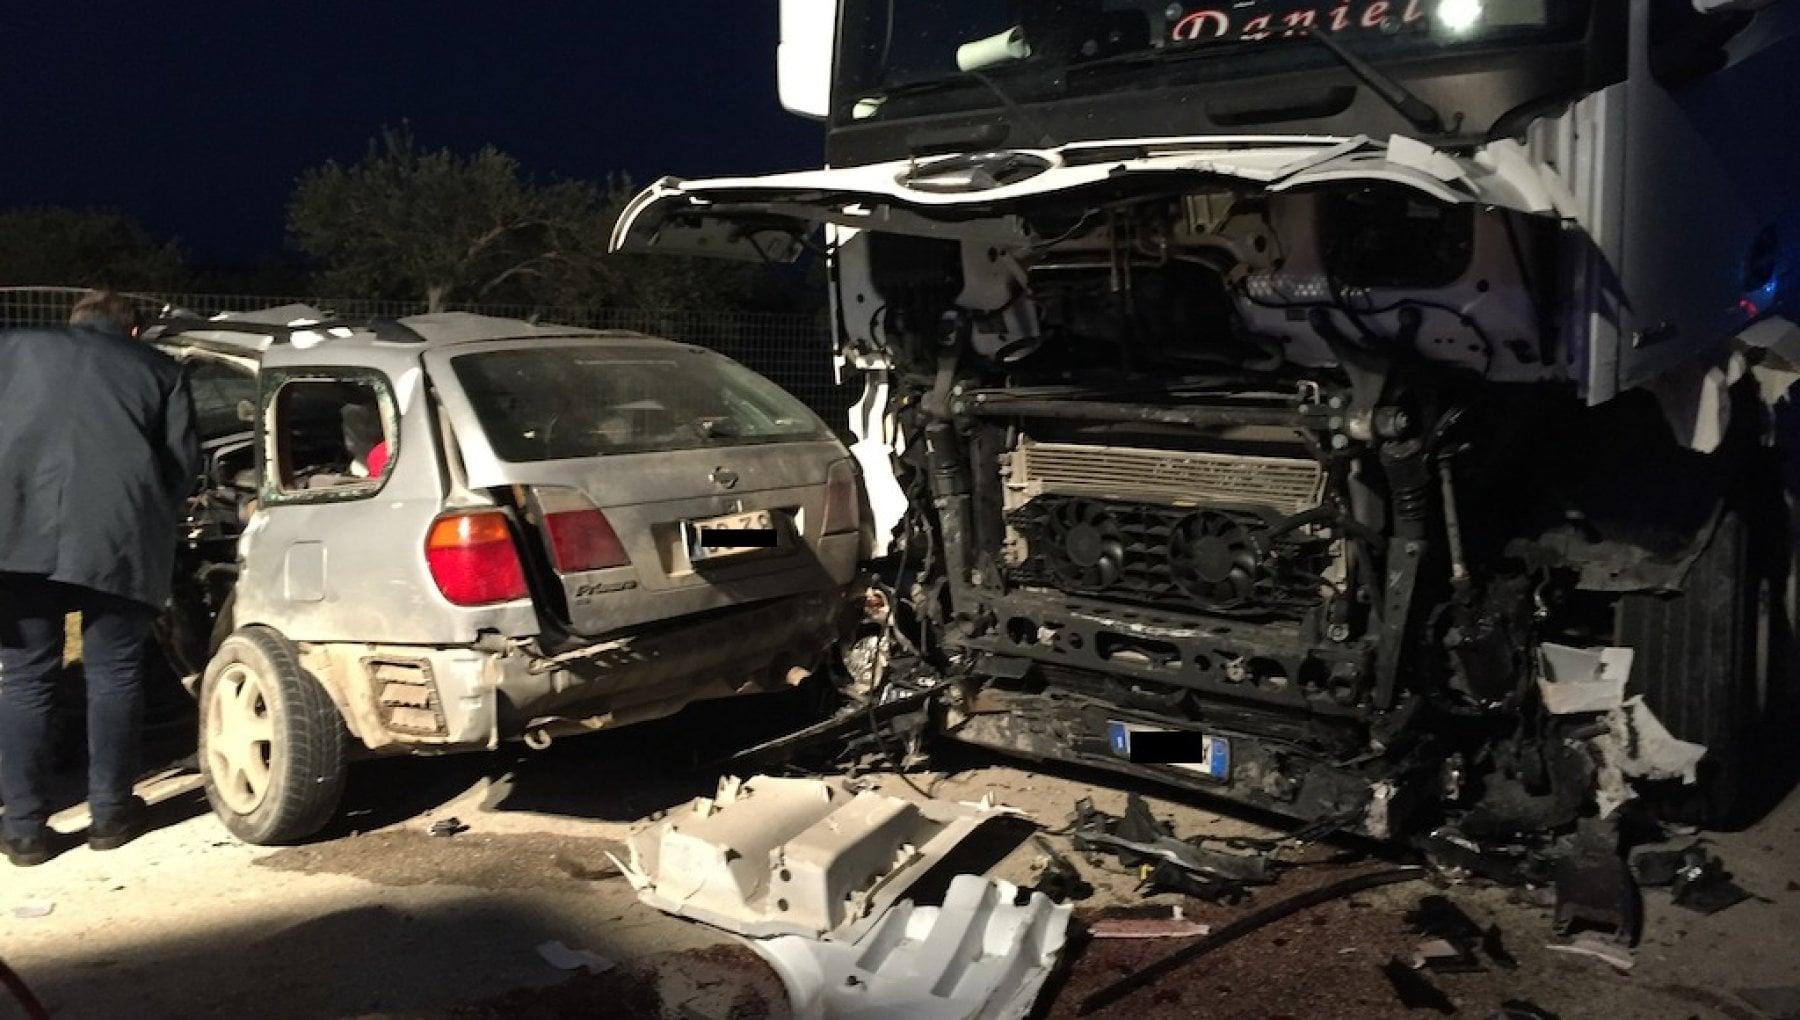 192505738 3557db42 d6a6 42be 8c20 296cf5747a2c - Auto contro un tir, morti tre braccianti agricoli nel Siracusano